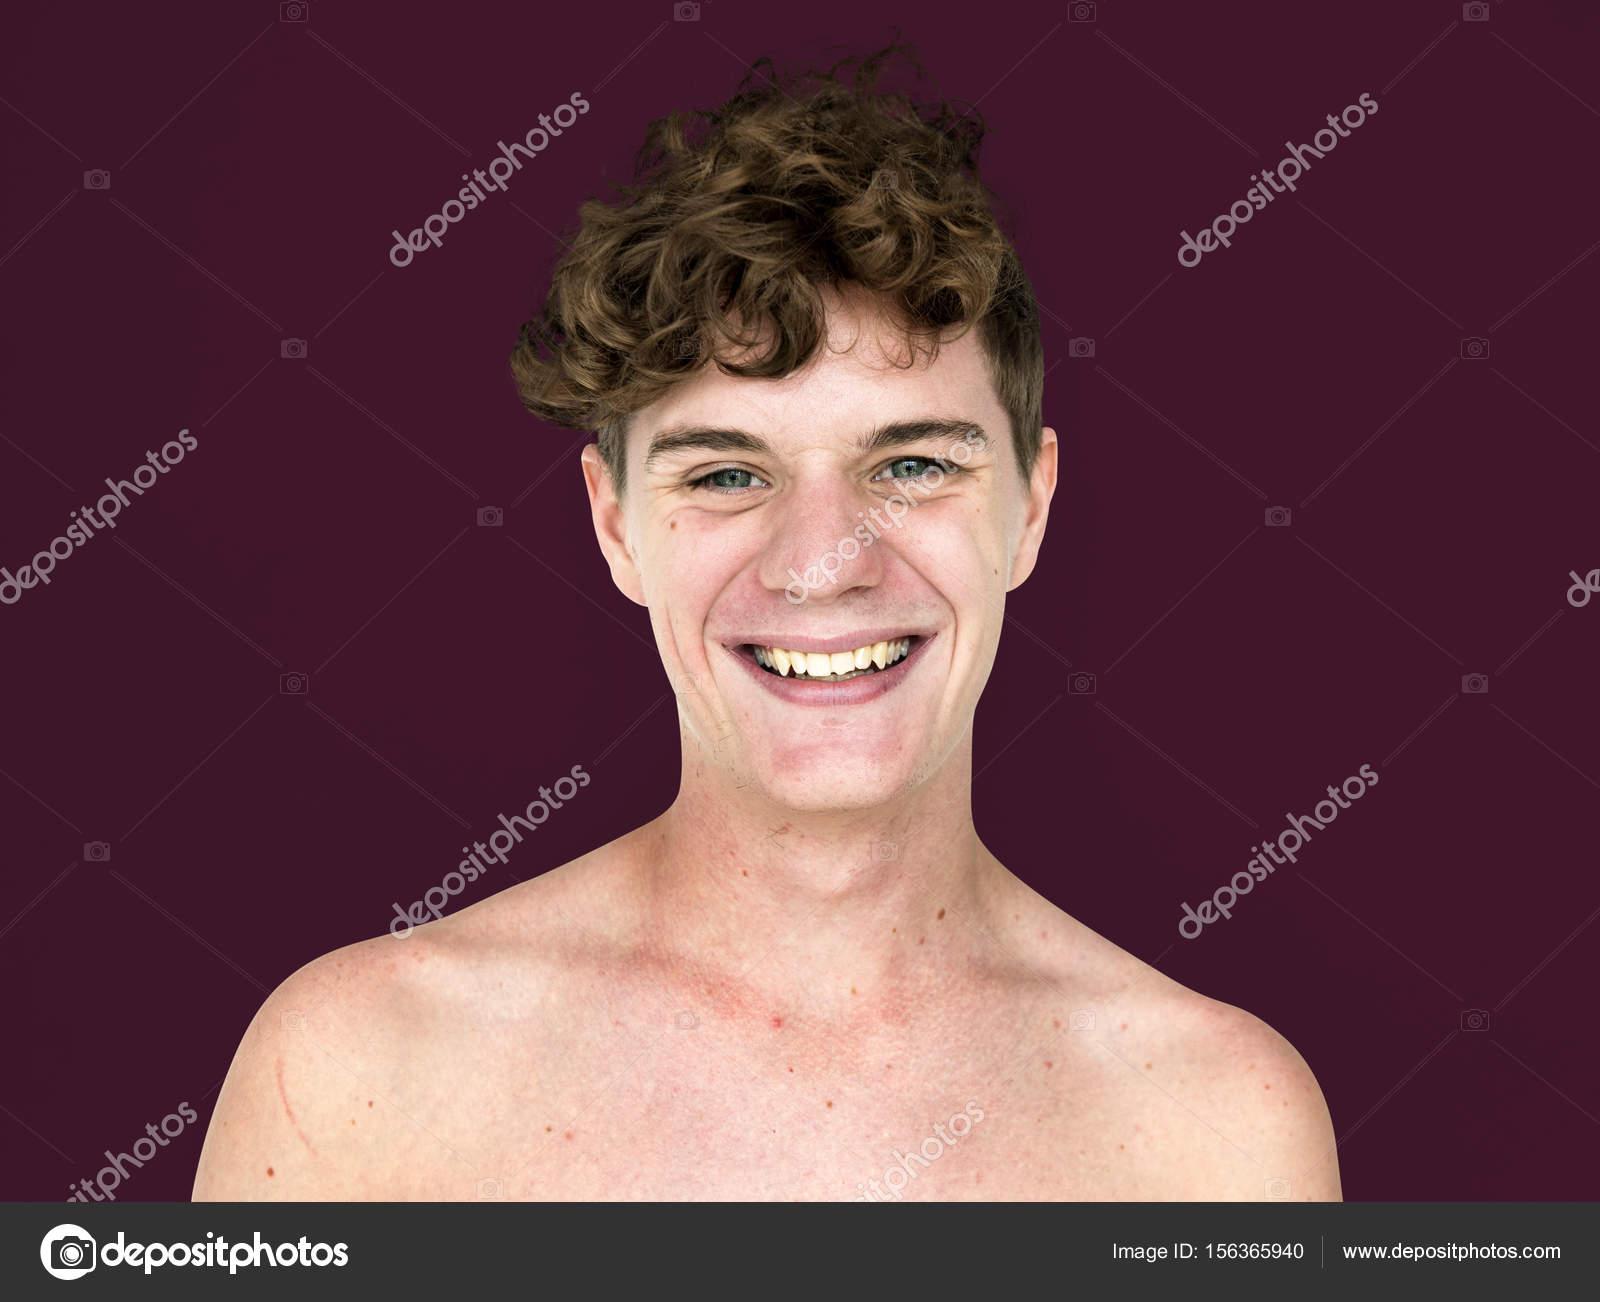 νέοι έφηβοι γυμνός γαμημένο ξυρισμένο μουνί